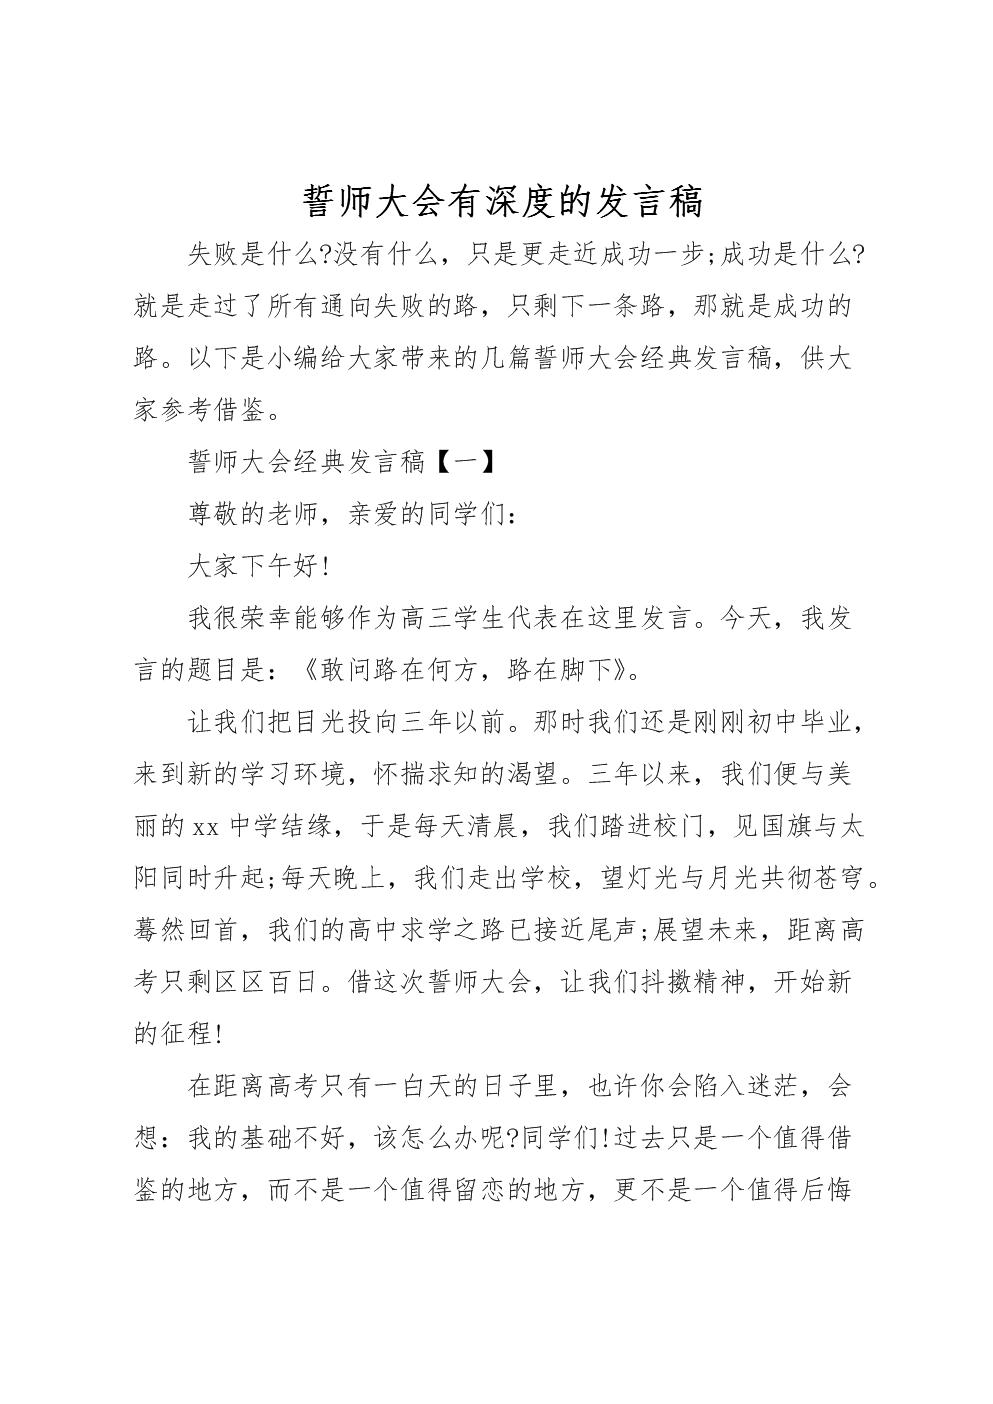 誓师大会有深度的发言稿.doc